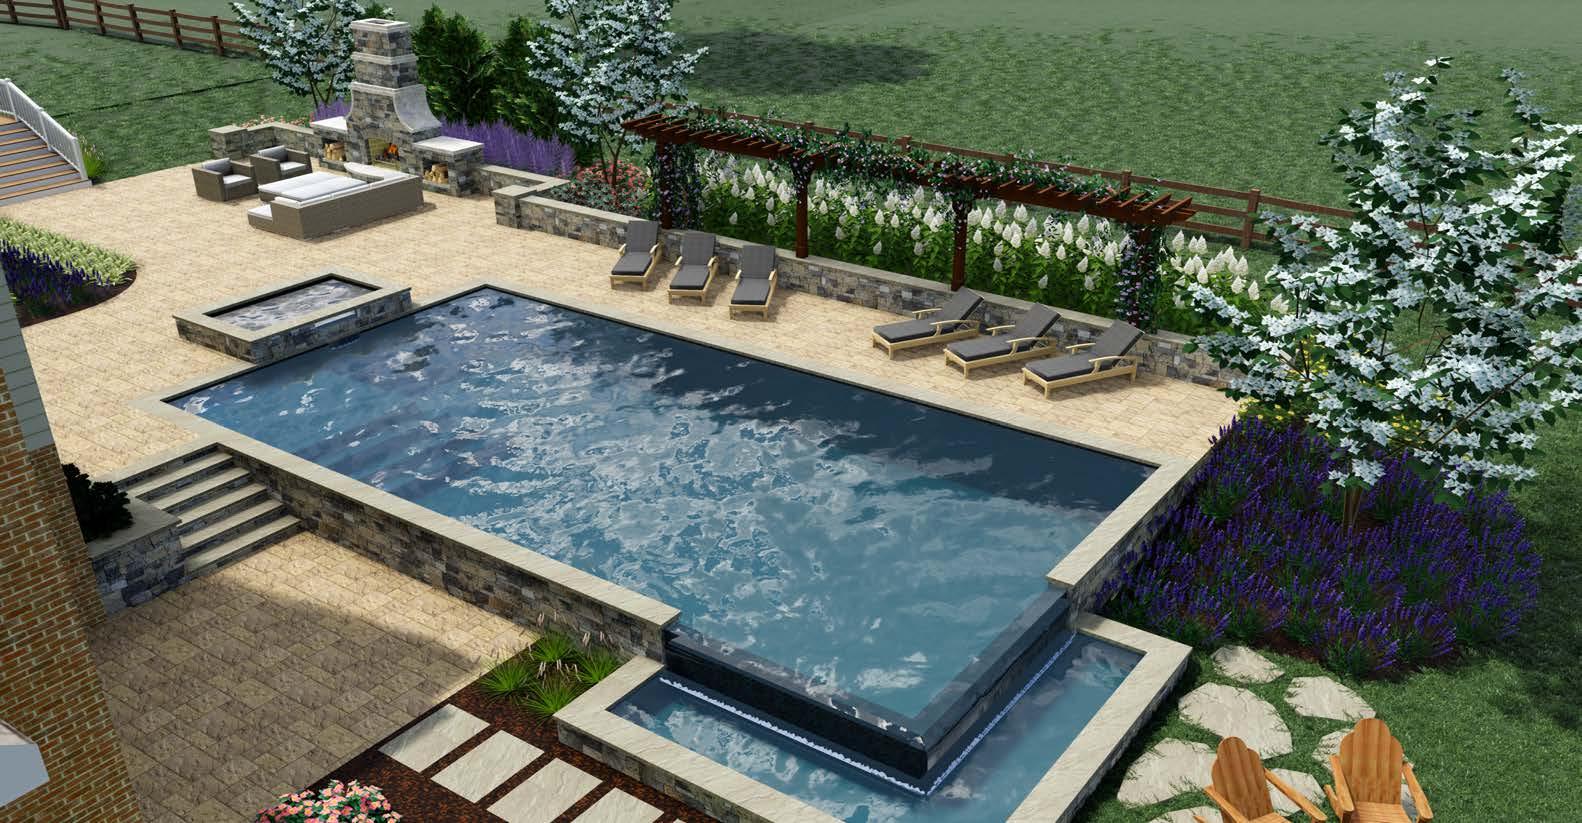 The 5 Best Pool Builders in Ashburn, Aldie, and Leesburg, VA